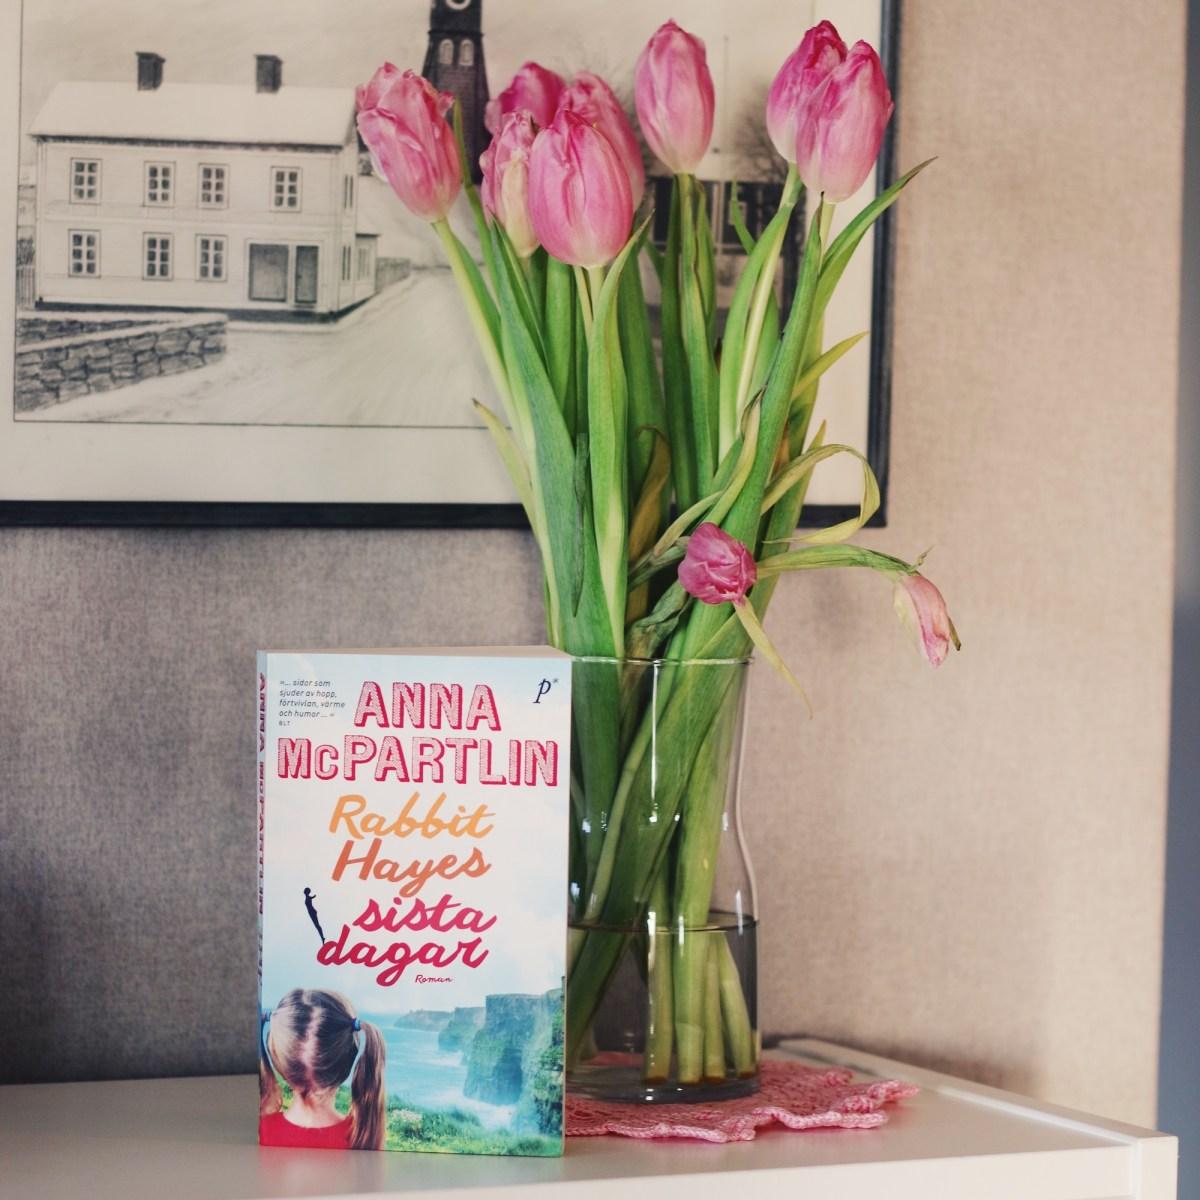 Rabbit Hayes sista dagar av Anna McPartlin